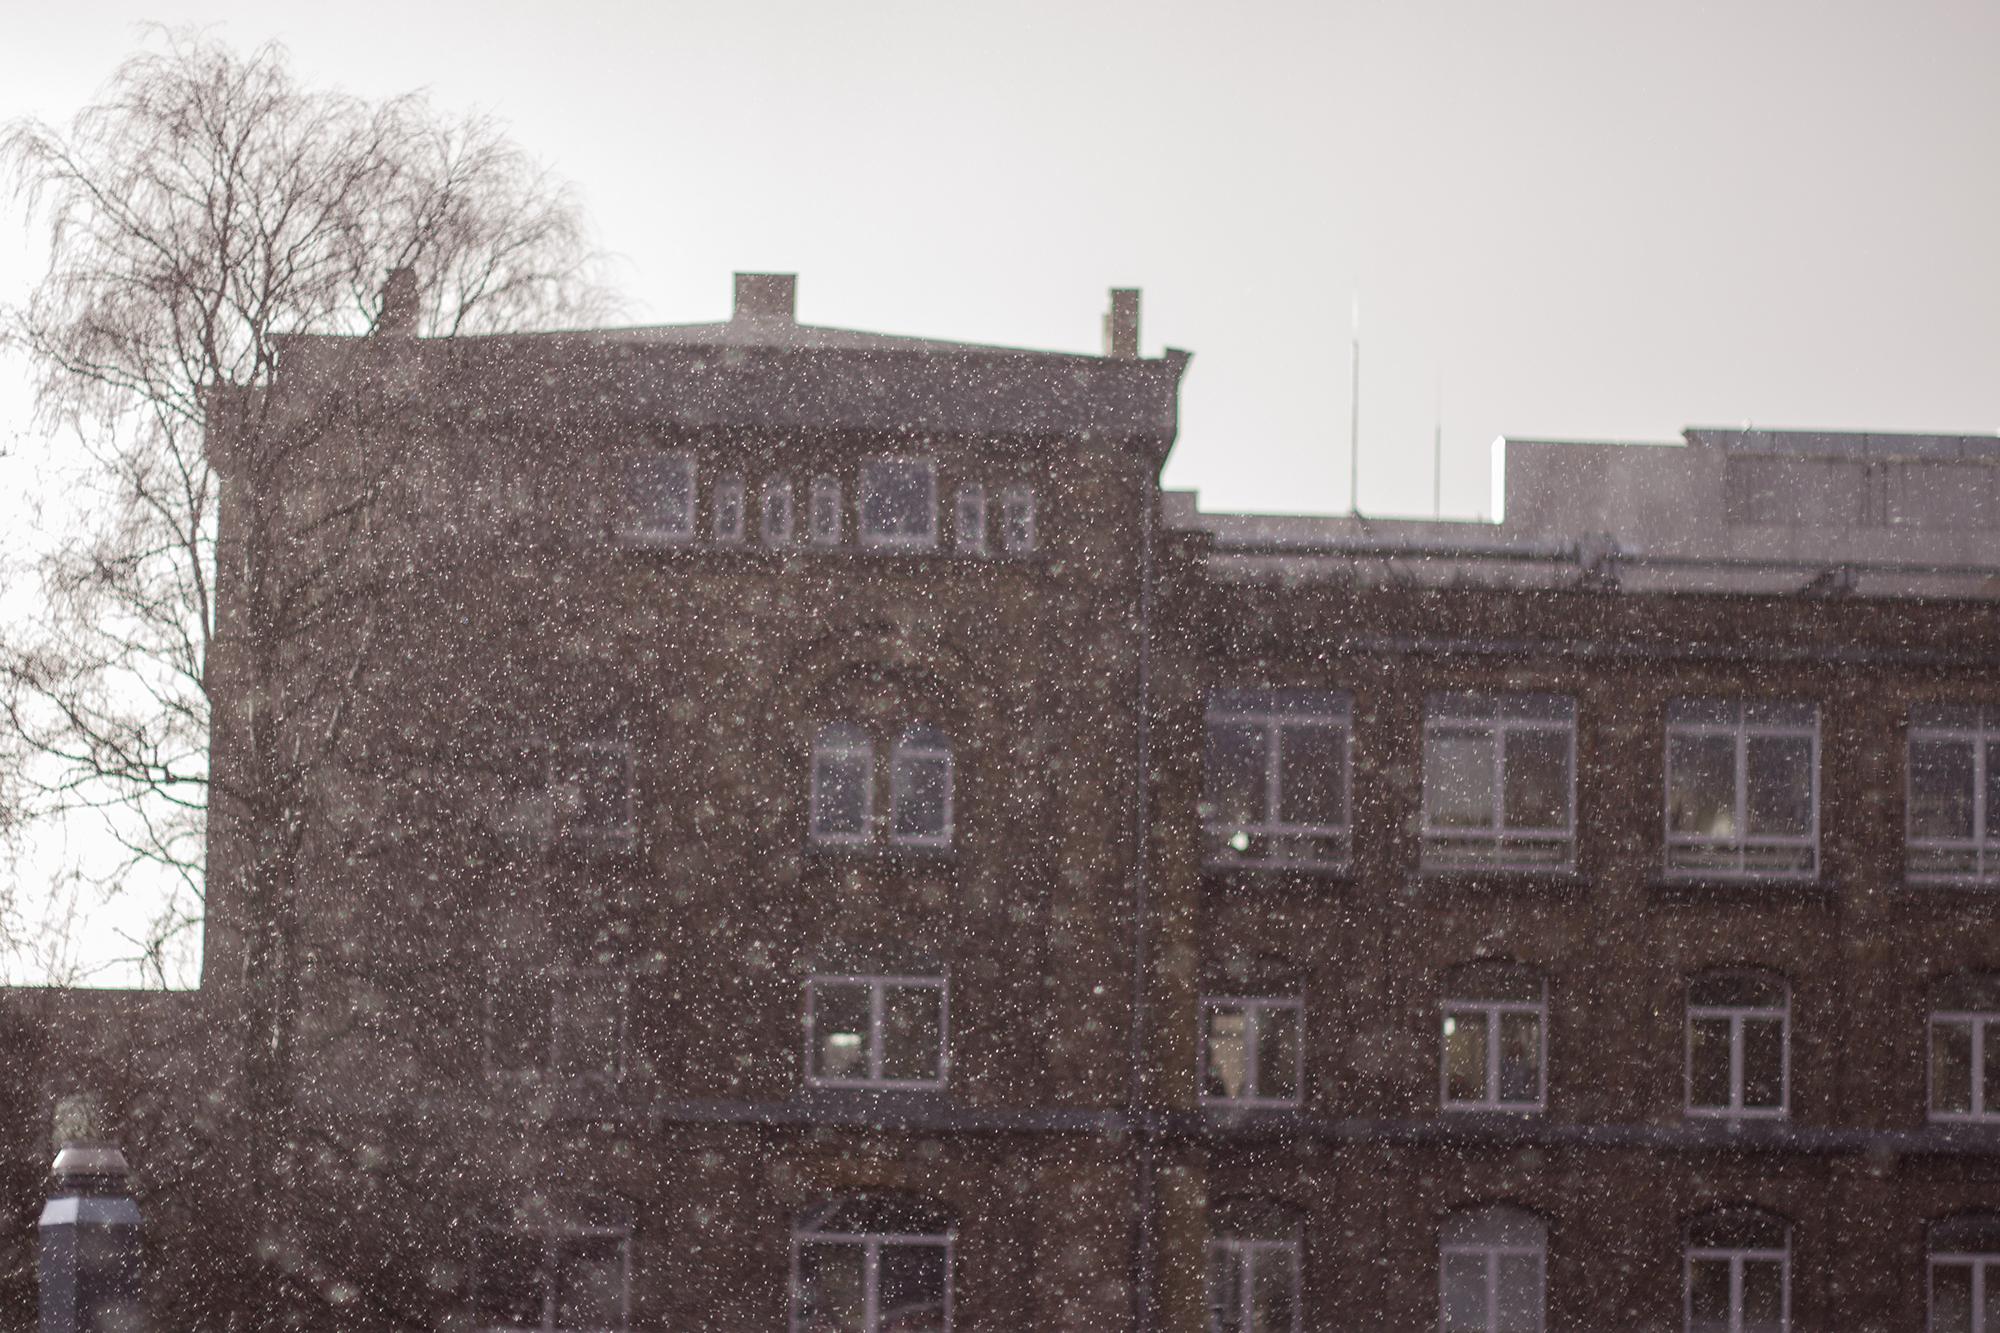 Fotografie bei Regen - Haus hinter Hagel